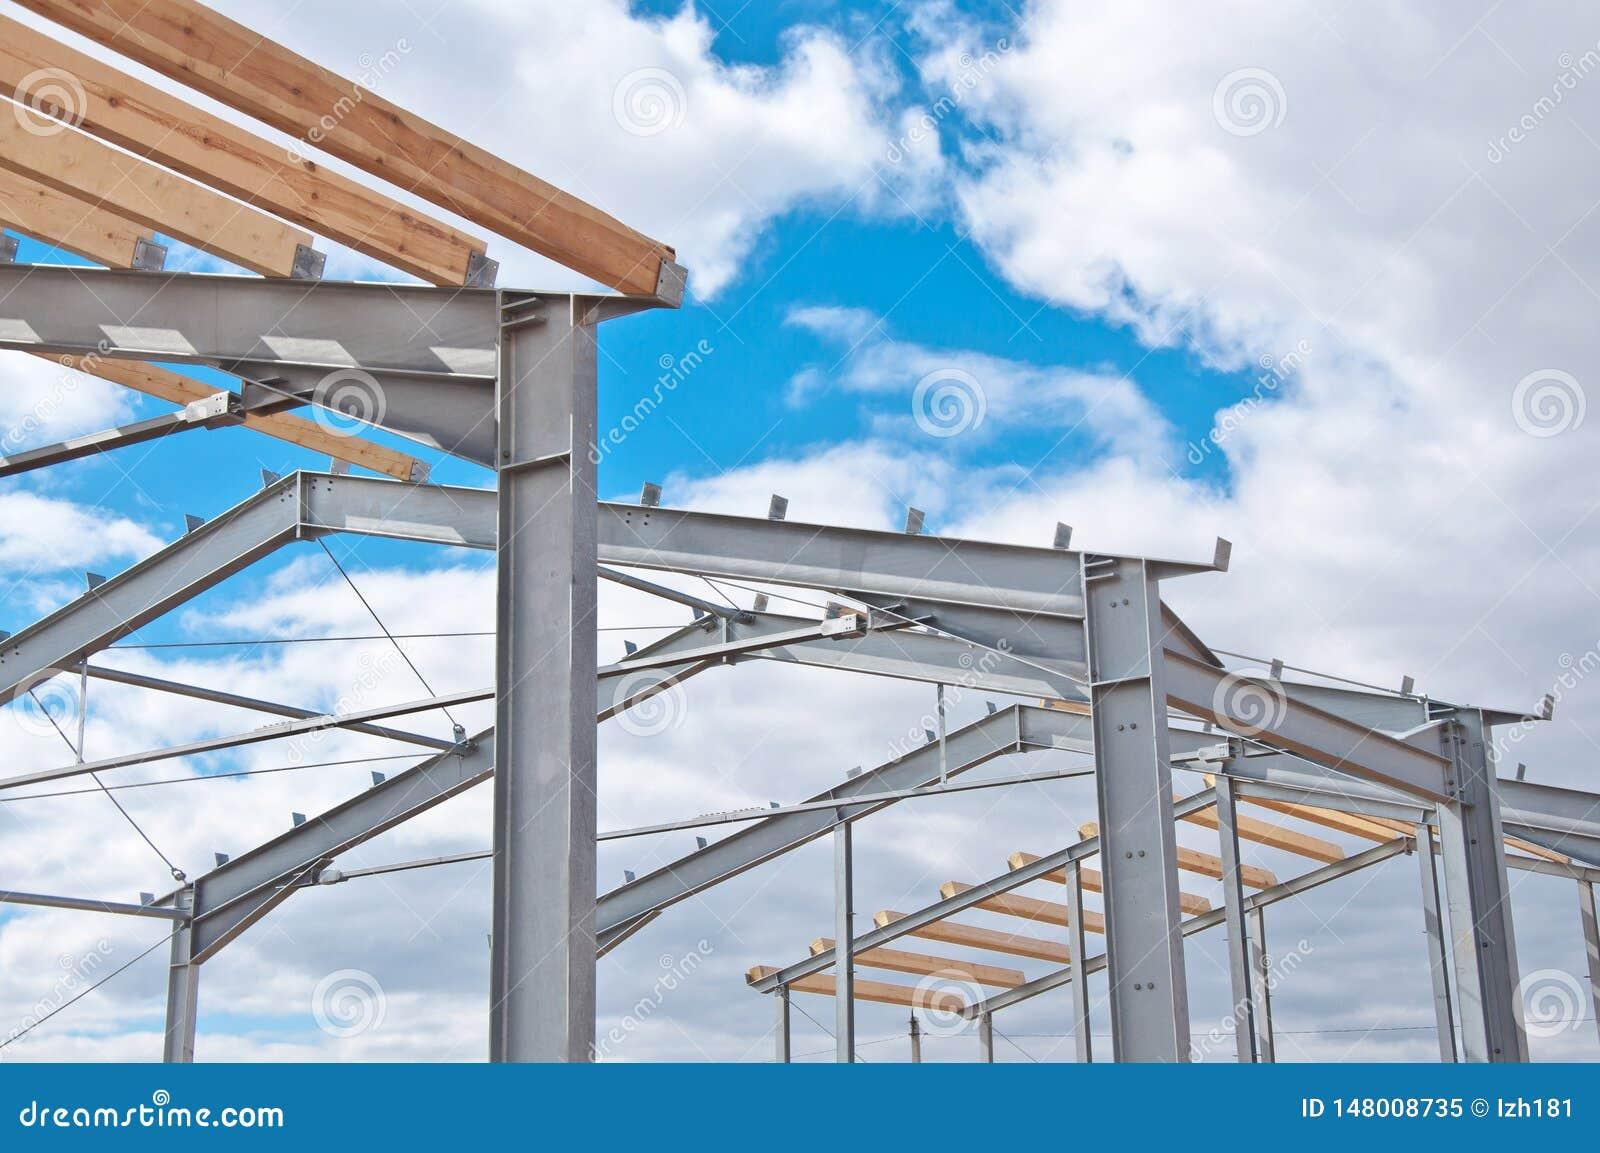 Metallrahmen des Neubaus gegen den blauen Himmel mit Wolken